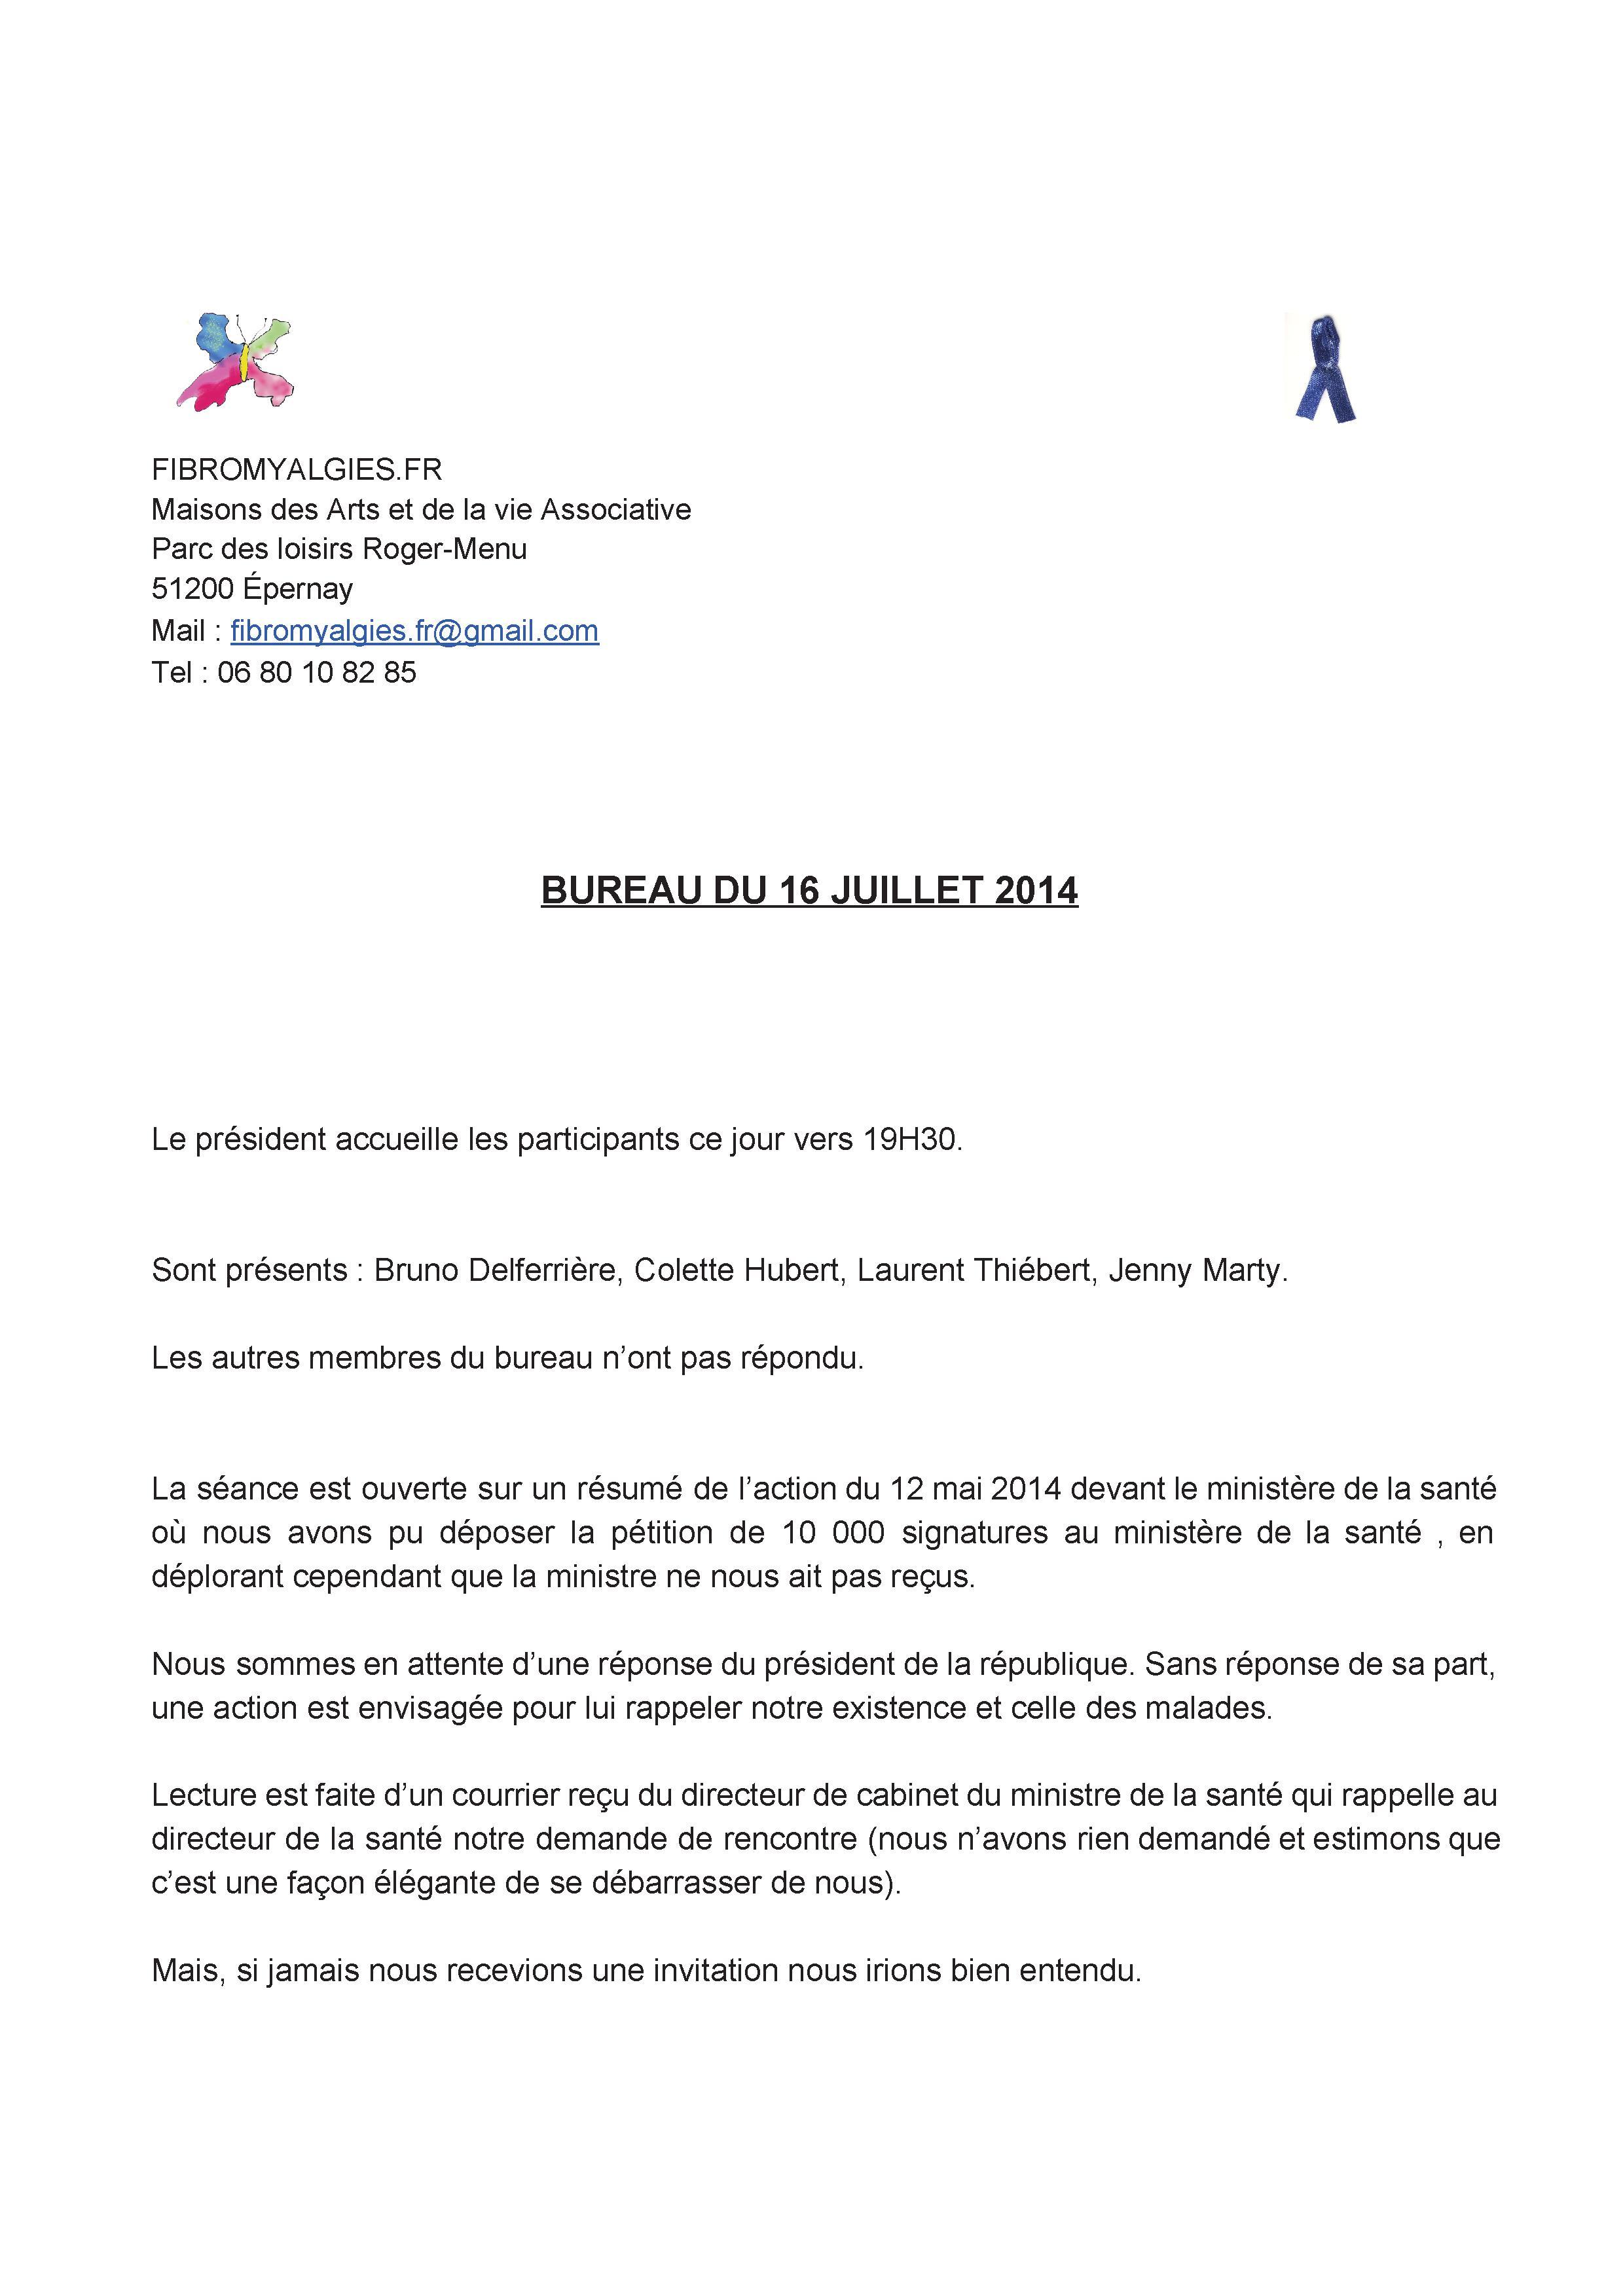 CopiedeBureauFibromyalgies.fr16juillet2014pourlesite (3)